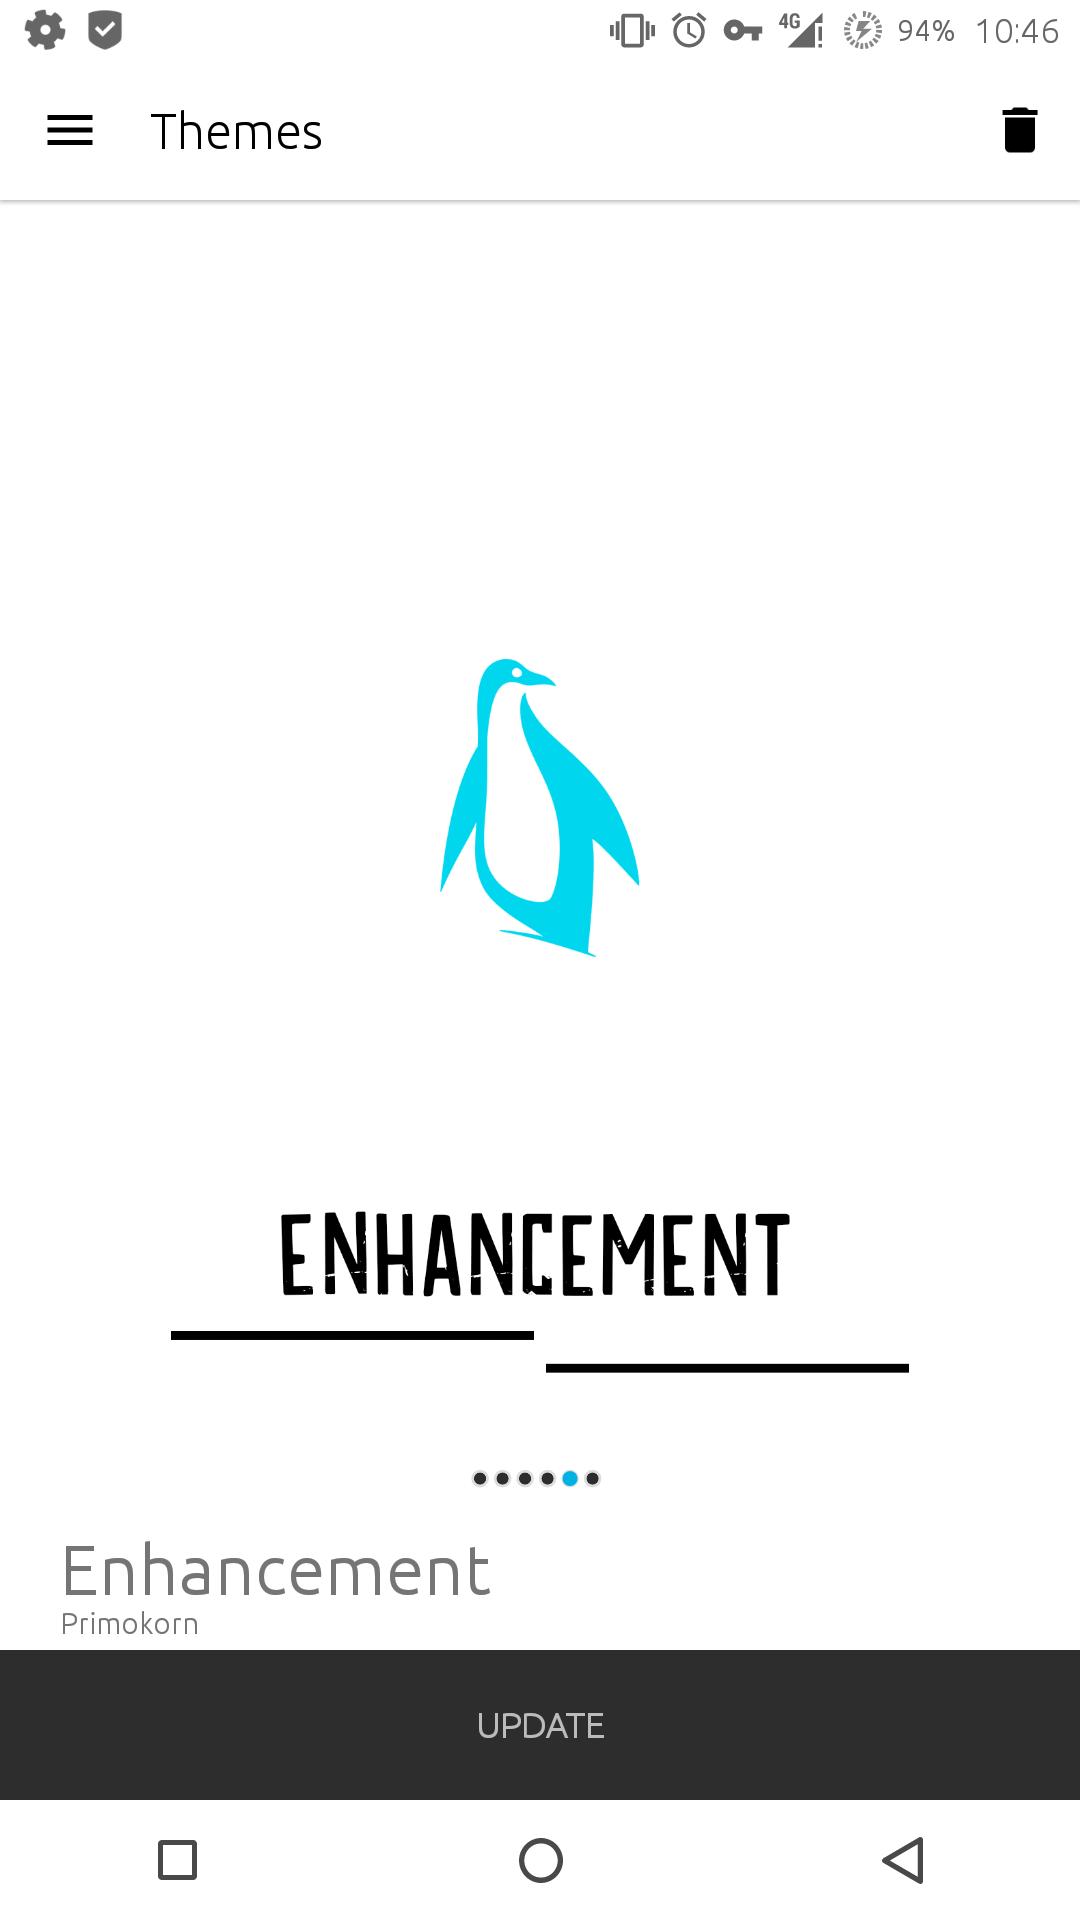 [CM13 THEME - ANDROID] Enhancement - FLOSS apps [Gratuit][GPLv3] 14621245760777